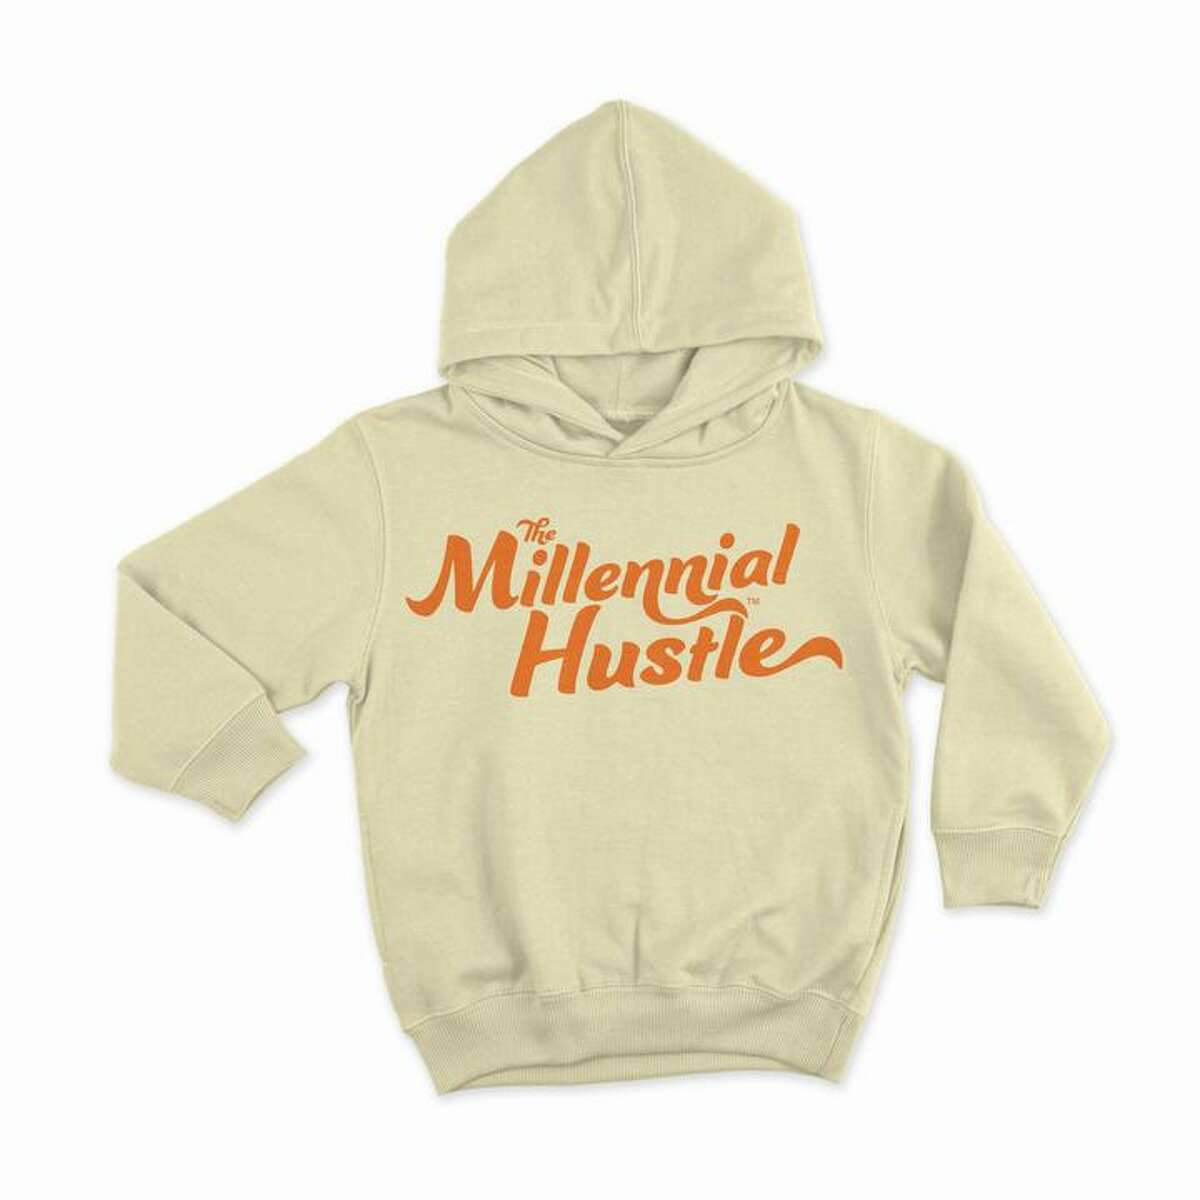 The Millennial Hustle hoodie.